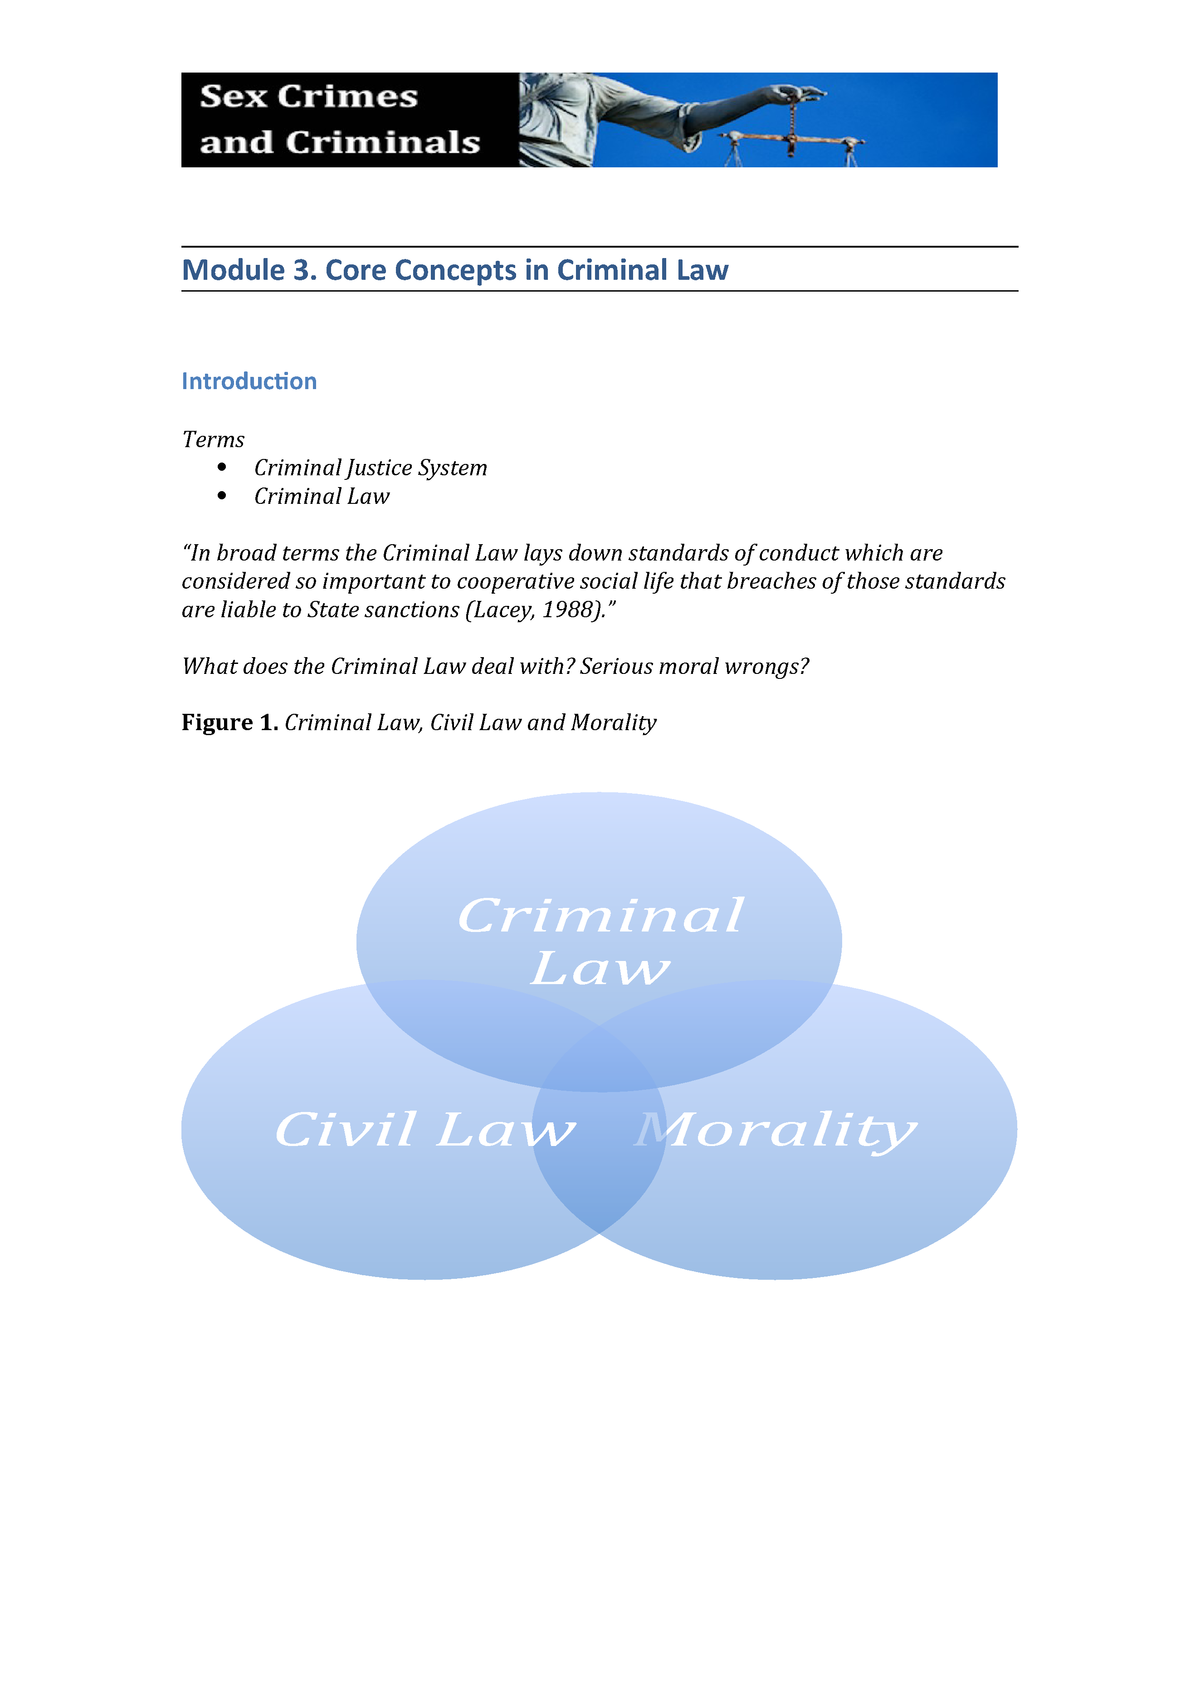 Module 3 Overheads - LAW658 Sex Crimes - UTAS - StuDocu